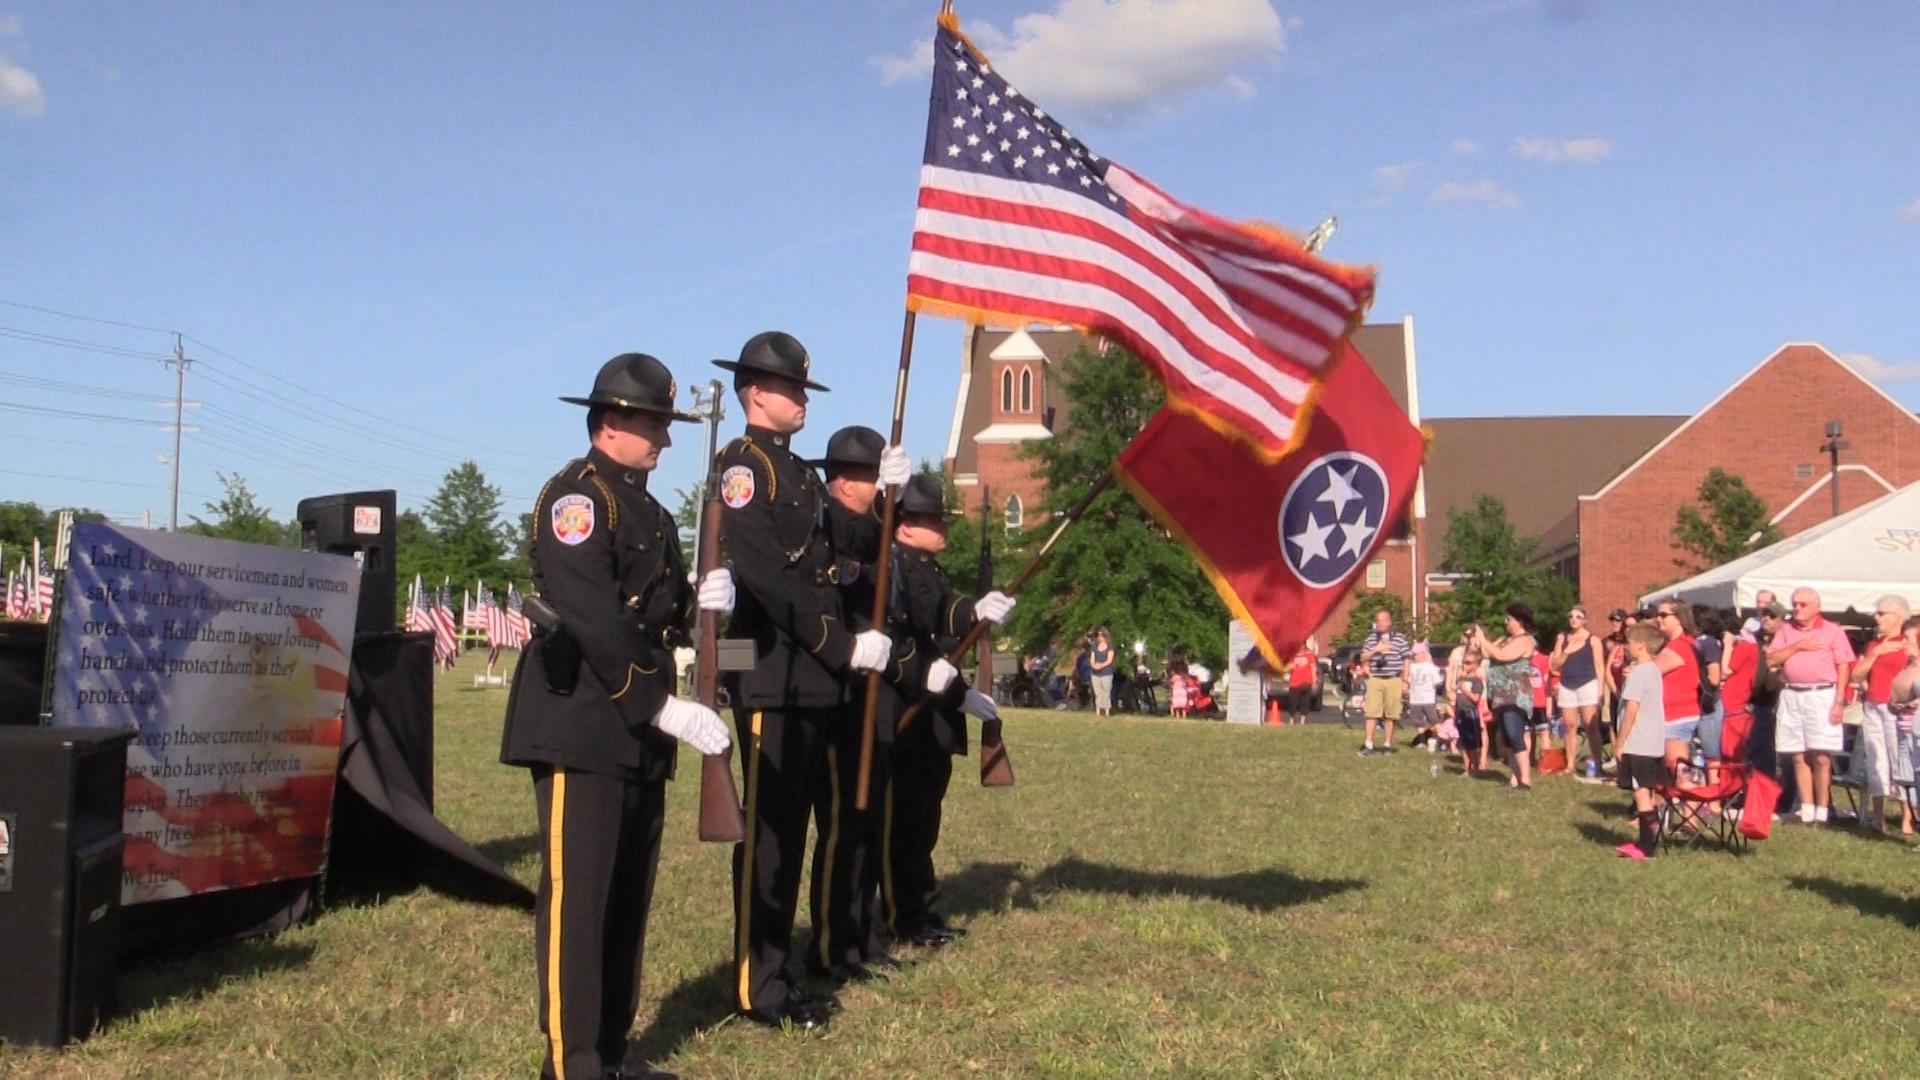 VIDEO: Healing Field of Murfreesboro